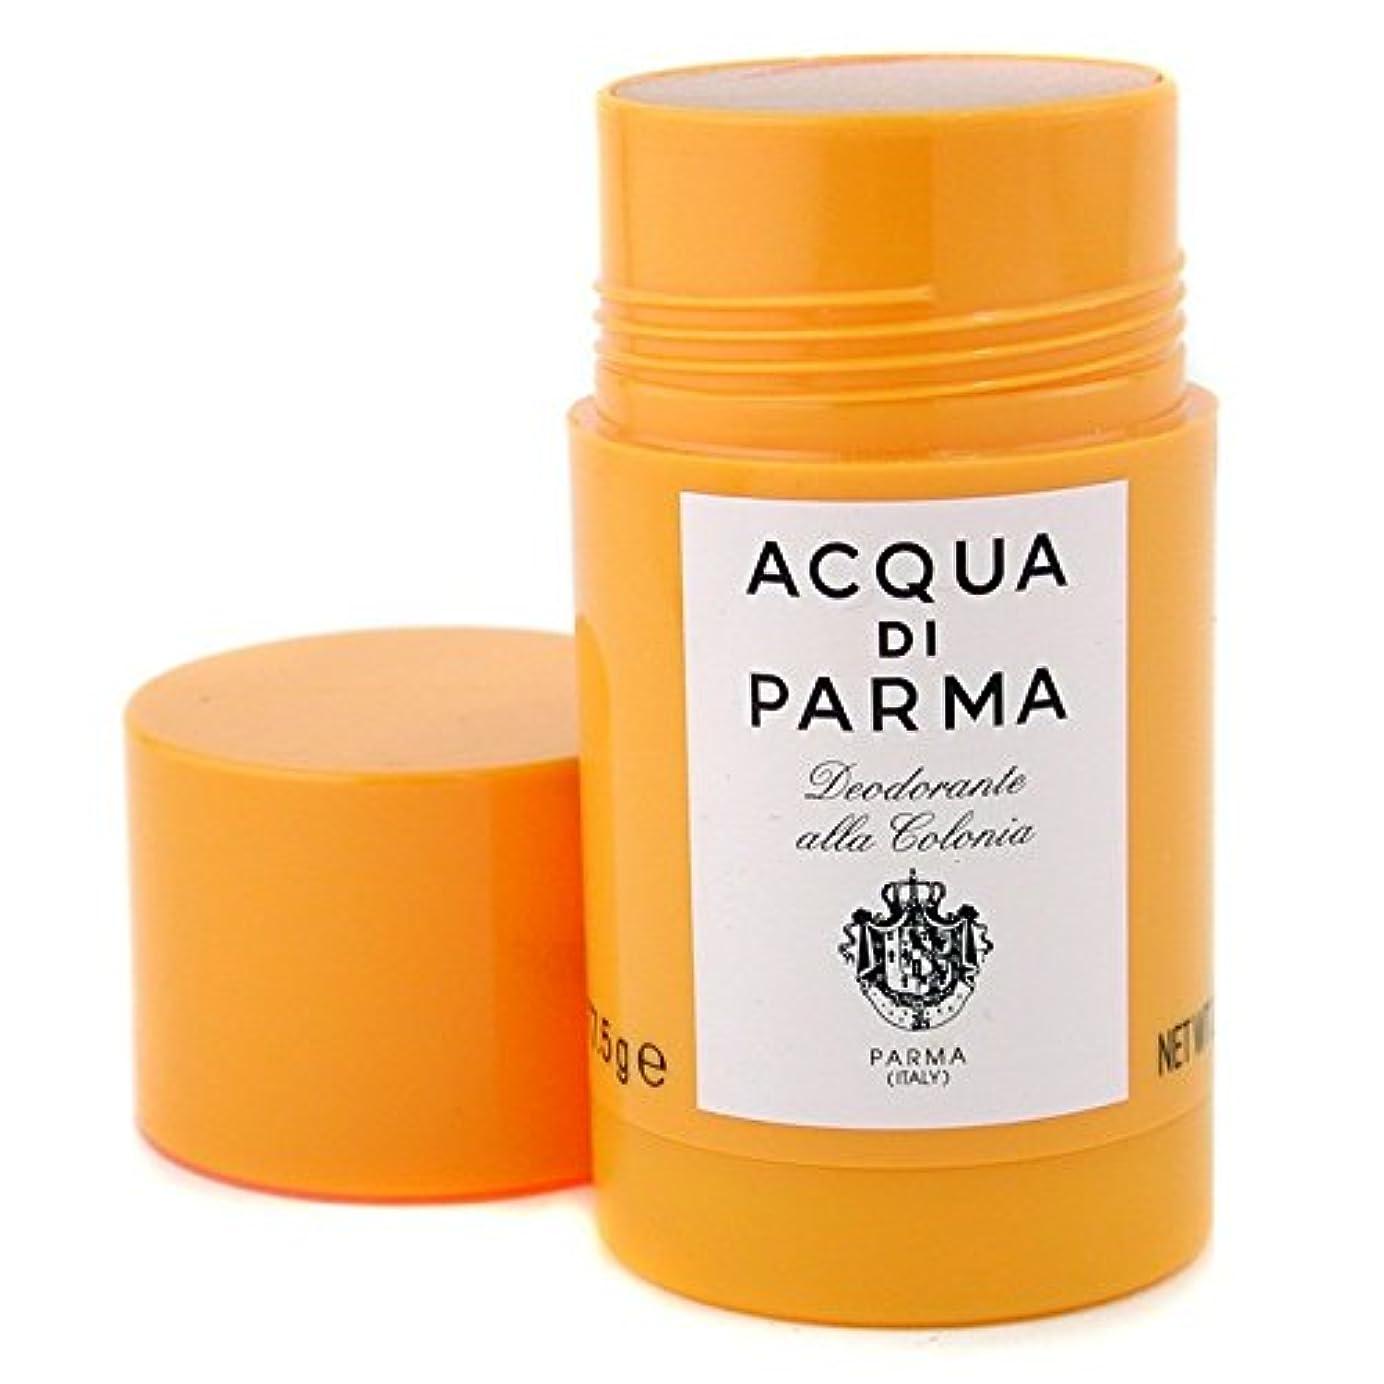 結婚した赤軽減アクアディパルマ アクアディ パルマ コロニア デオドラントスティック 75ml/2.5oz並行輸入品